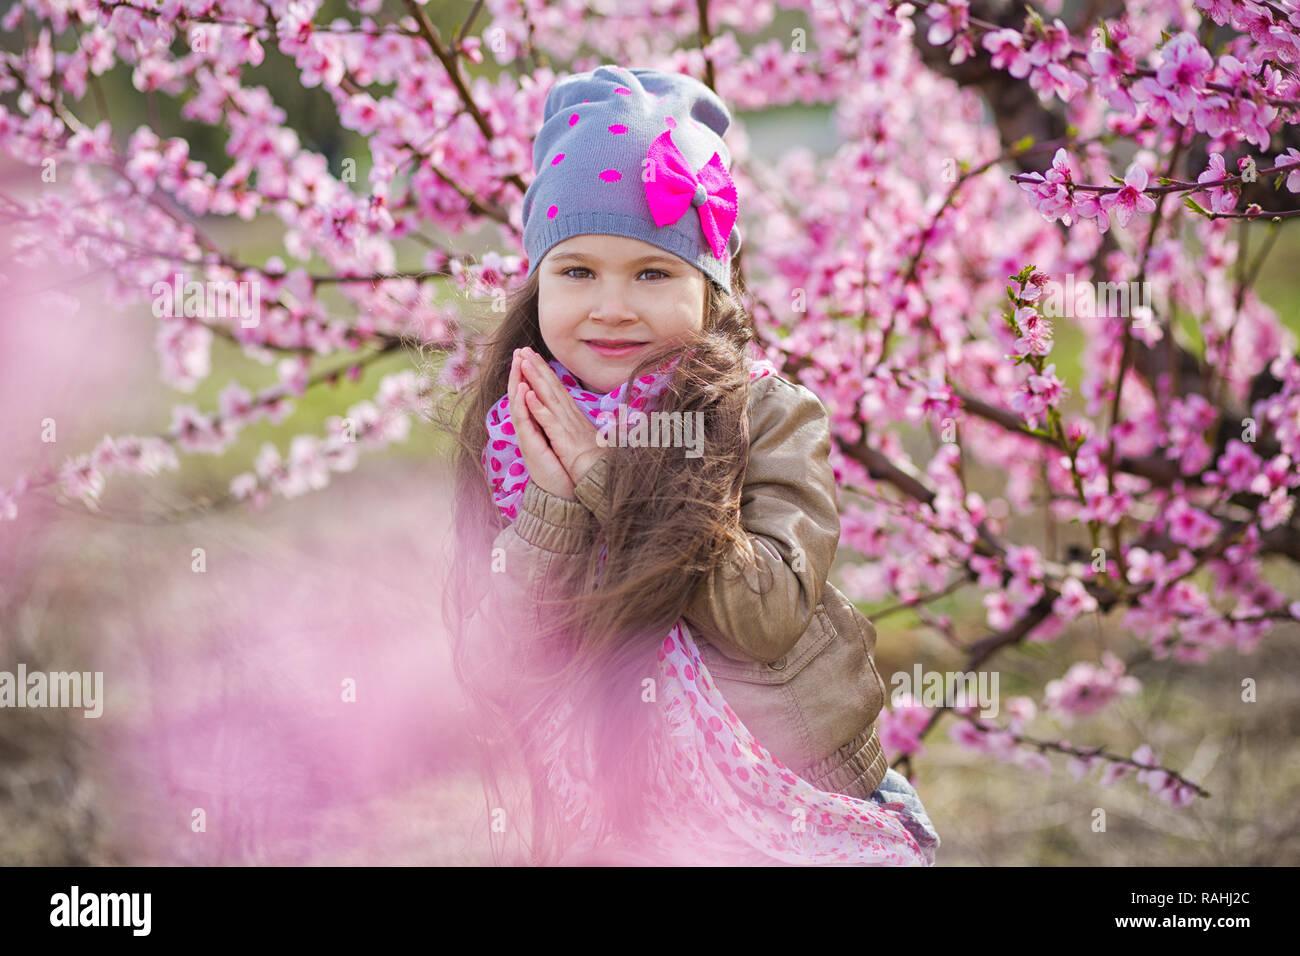 3e3e168a1 Lindo vestido elegante y hermosa chica rubia de pie en un campo de la  primavera joven con flores rosas Peach Tree.sonriente niña vestidos en rosa  en ...